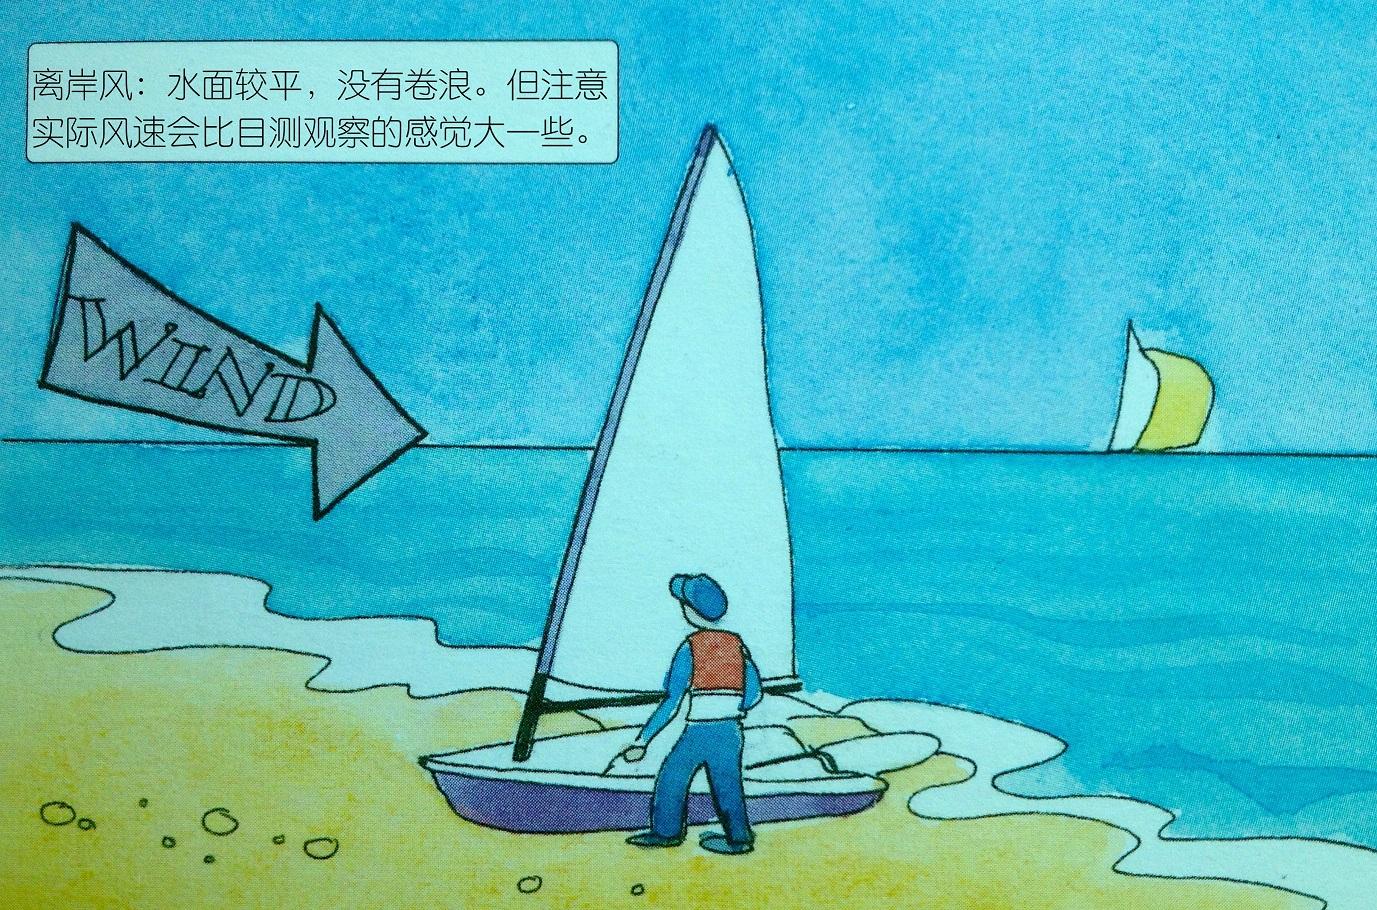 """如何,影响 从陆地刮到海上的叫""""离岸风"""";而从外海吹向内陆的则称为""""向岸风""""。 20a单人艇进出沙滩.jpg"""